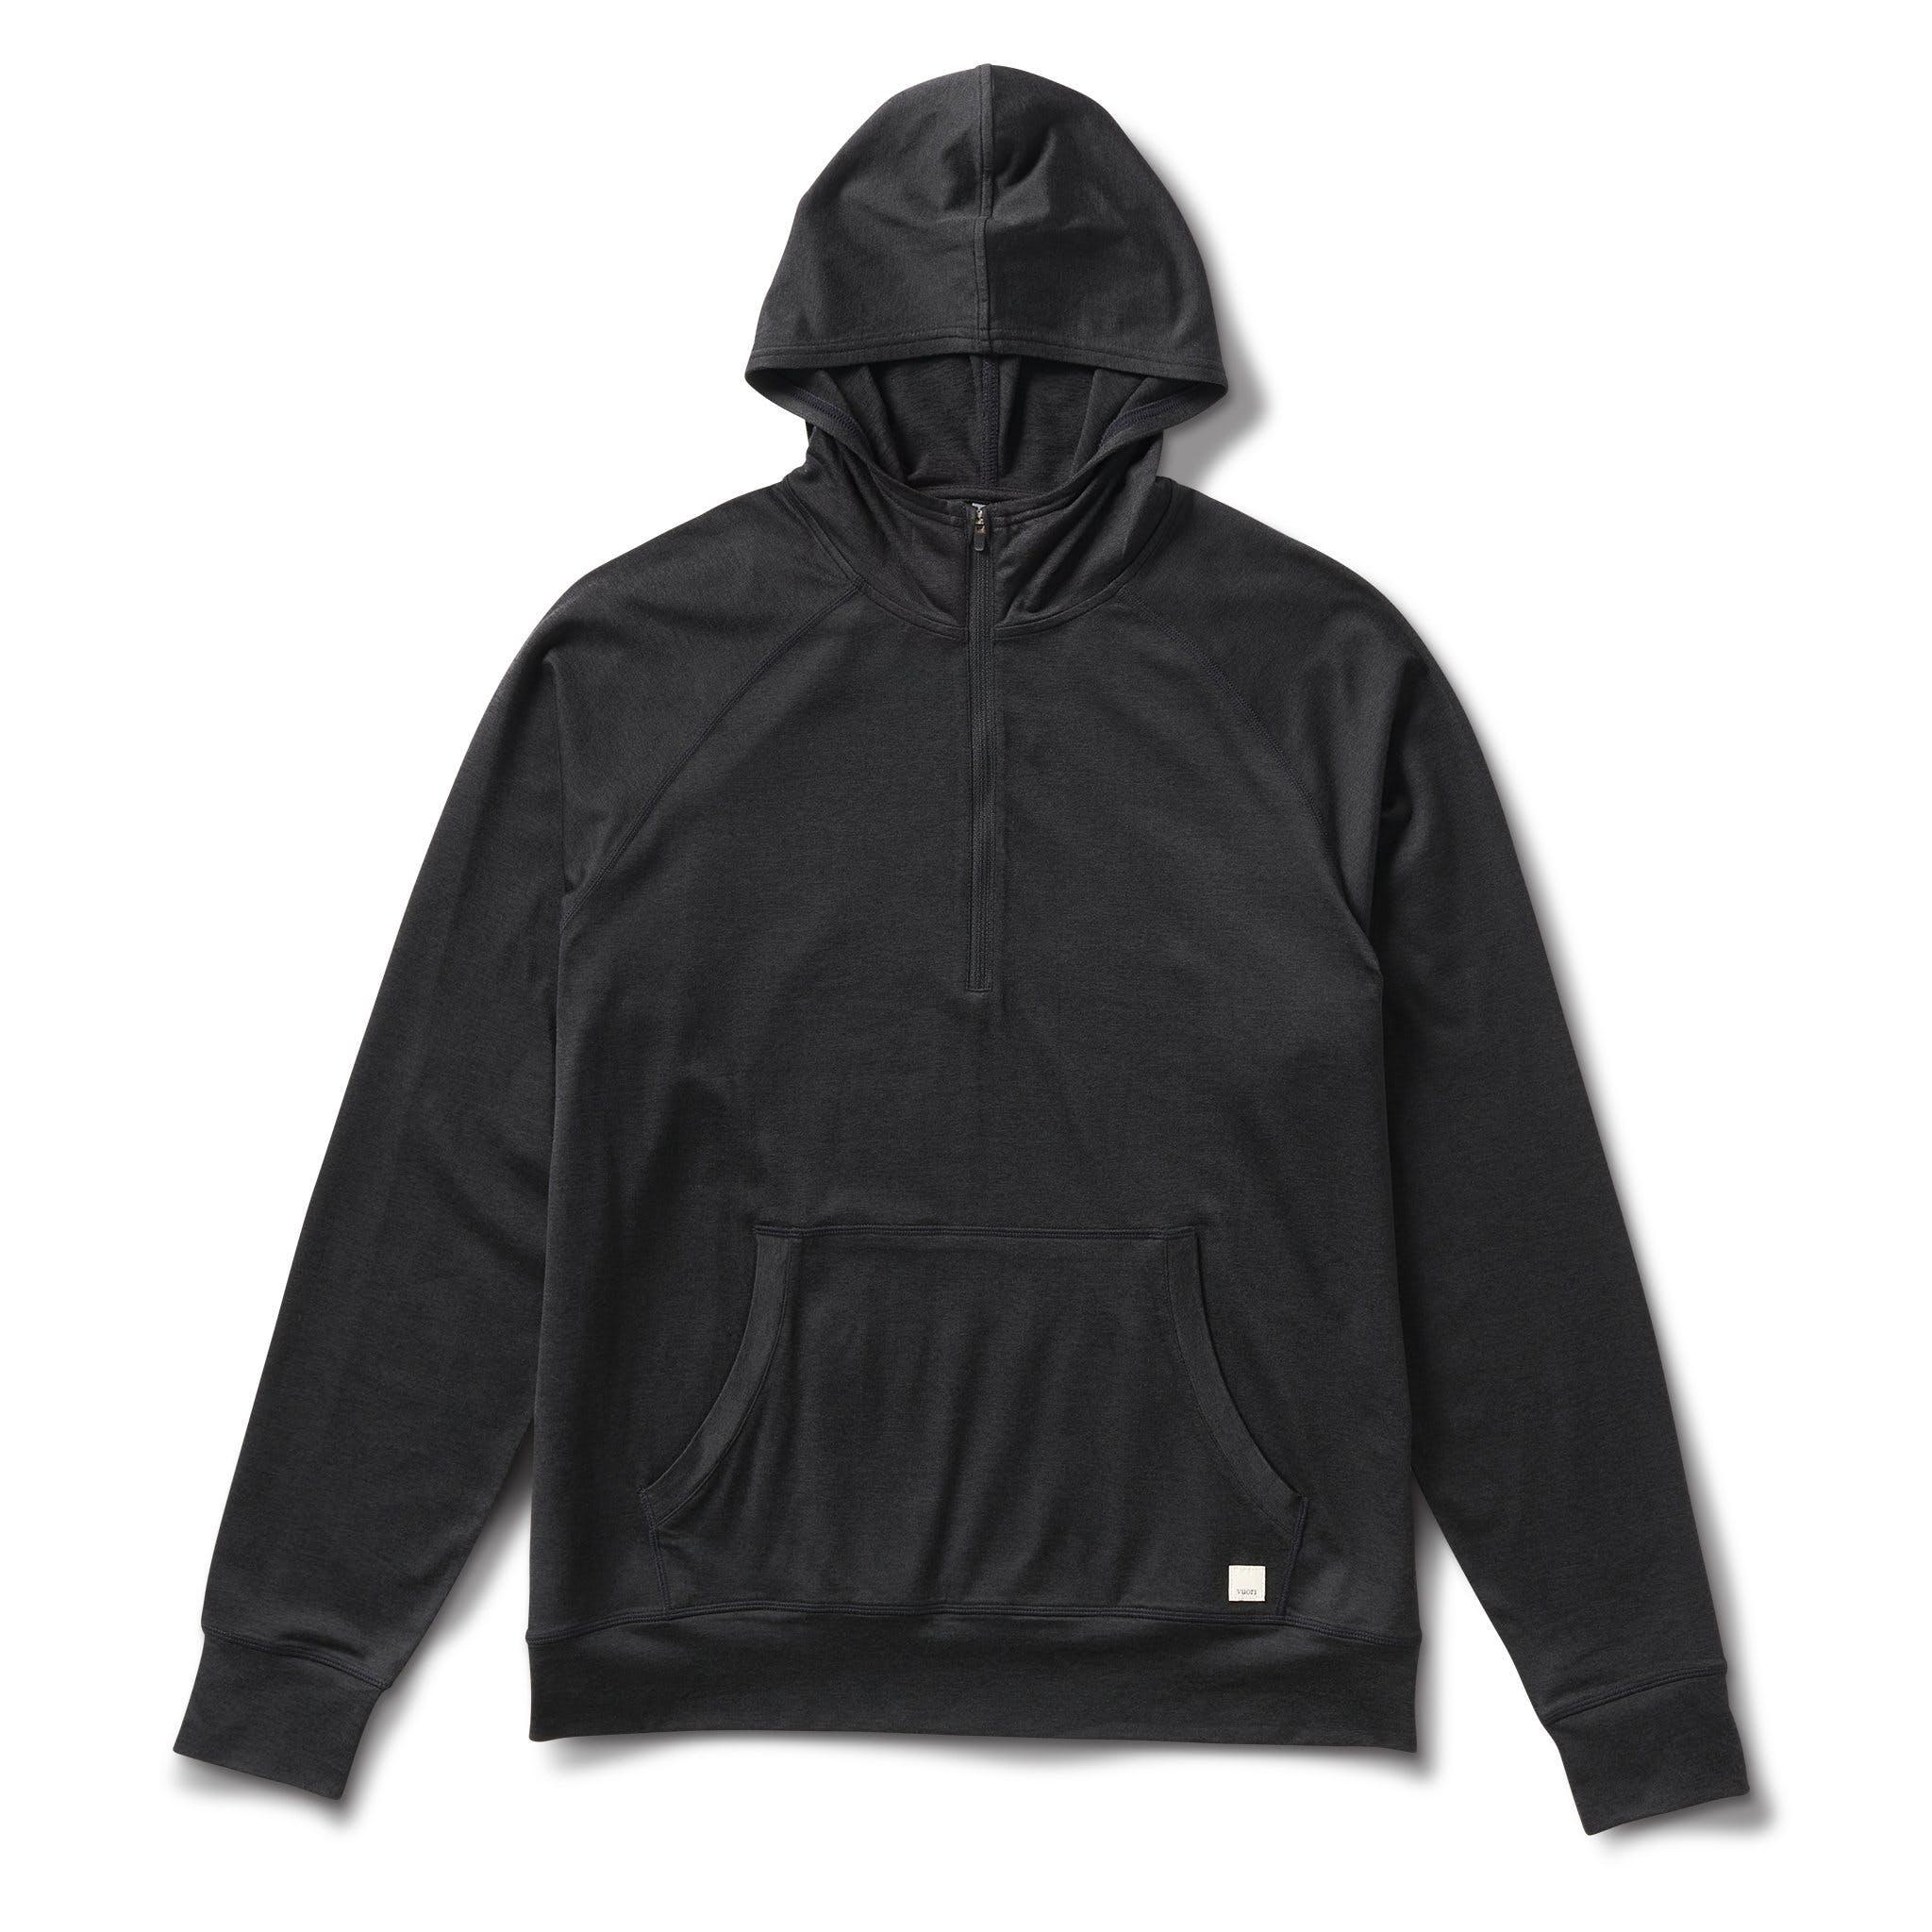 Vuori hoodie